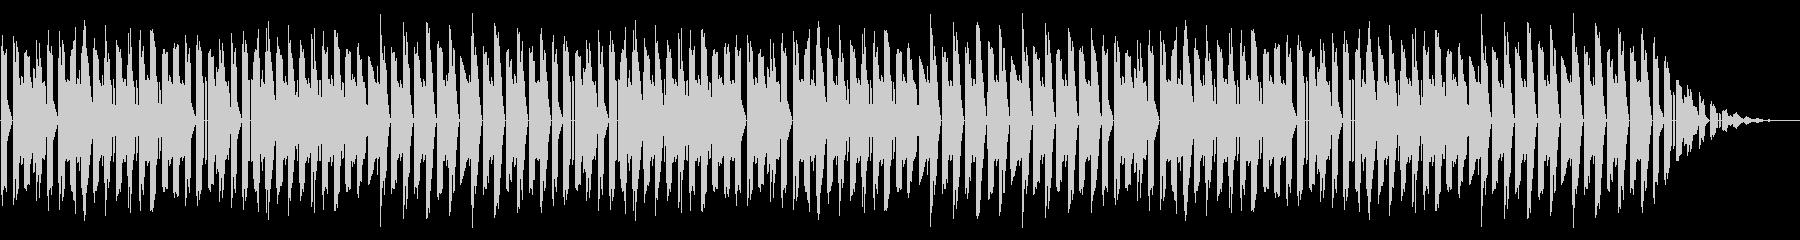 GB系風和風ゲームのステージ曲の未再生の波形